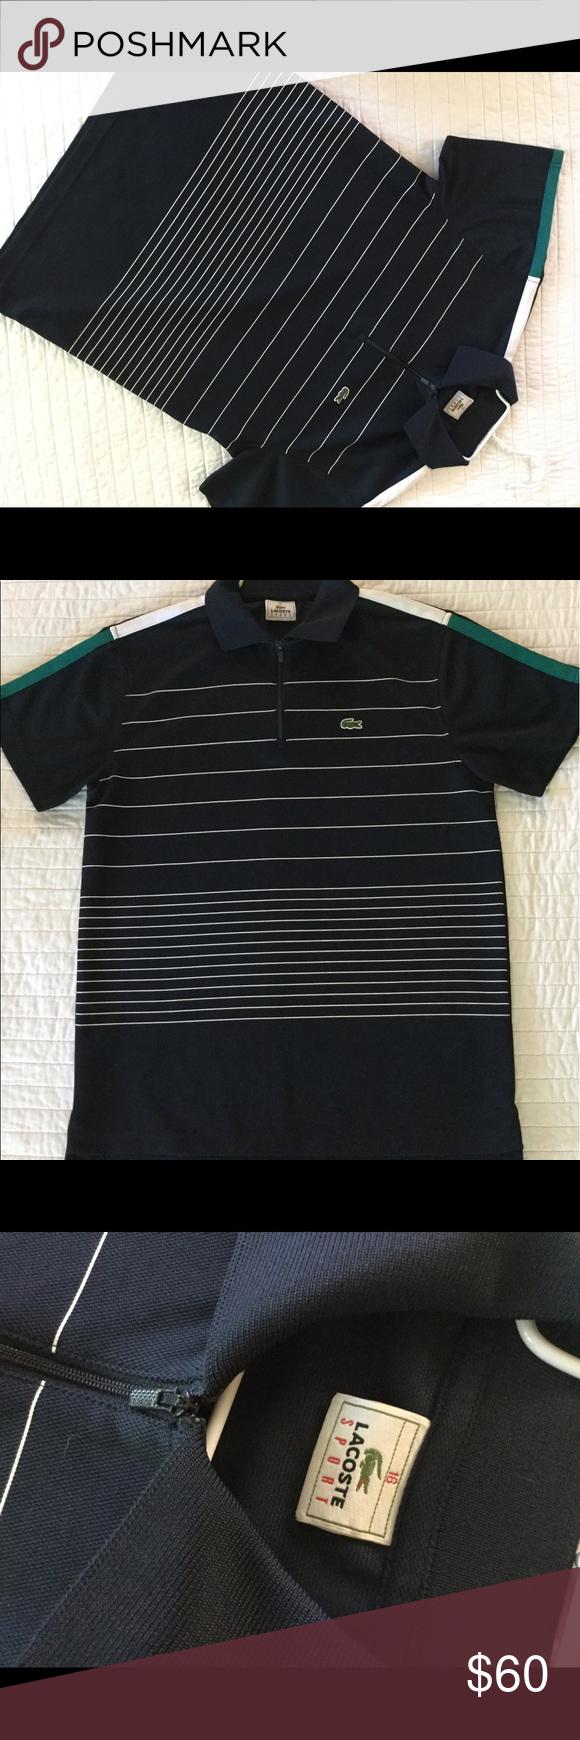 Cheap Lacoste Polo Shirts Bulk